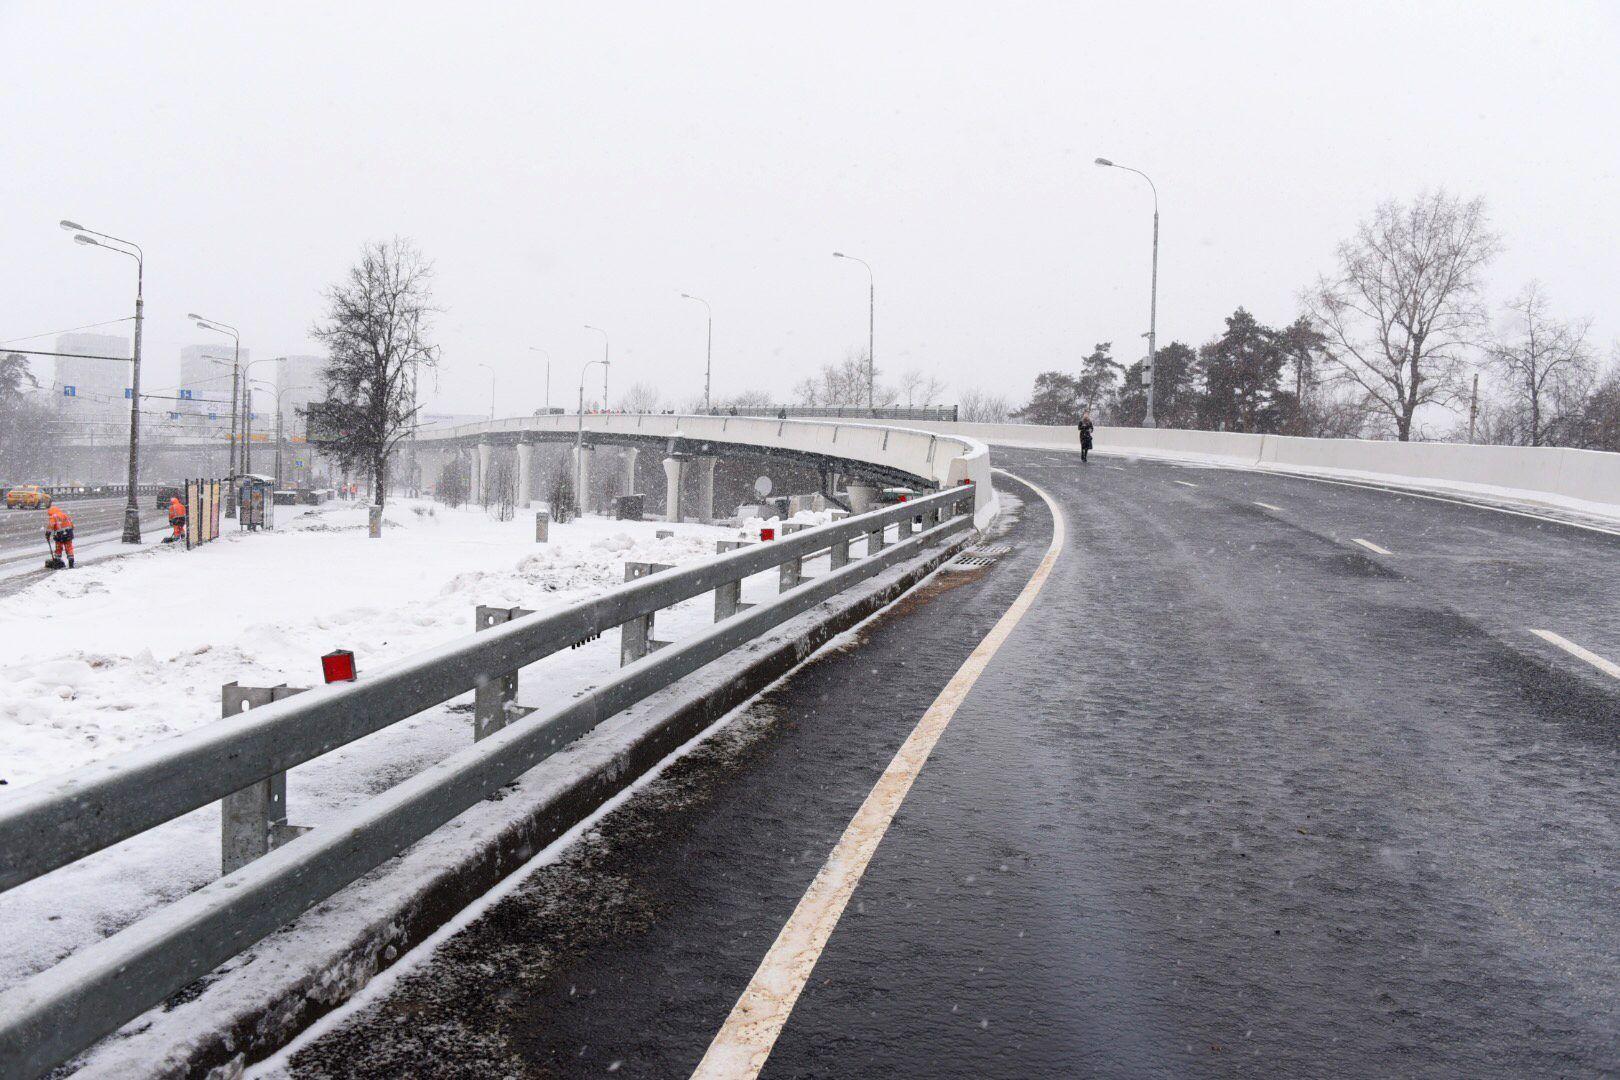 Дополнительные участки дороги введут в эксплуатацию в Новой Москве. Фото: Владимир Новиков, «Вечерняя Москва»